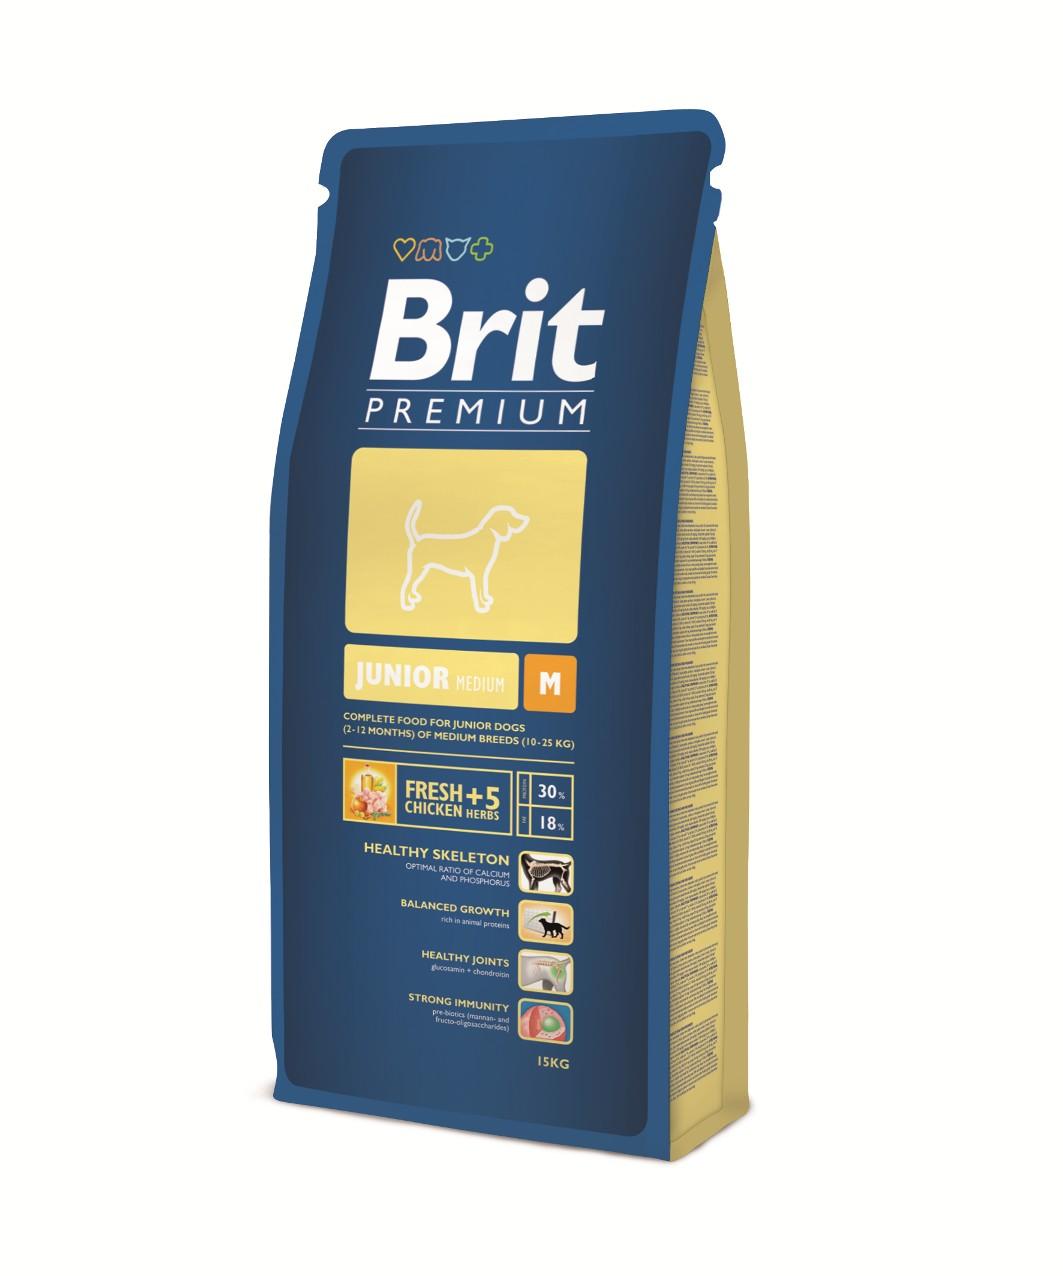 Brit-Premium Junior -M- 3kg